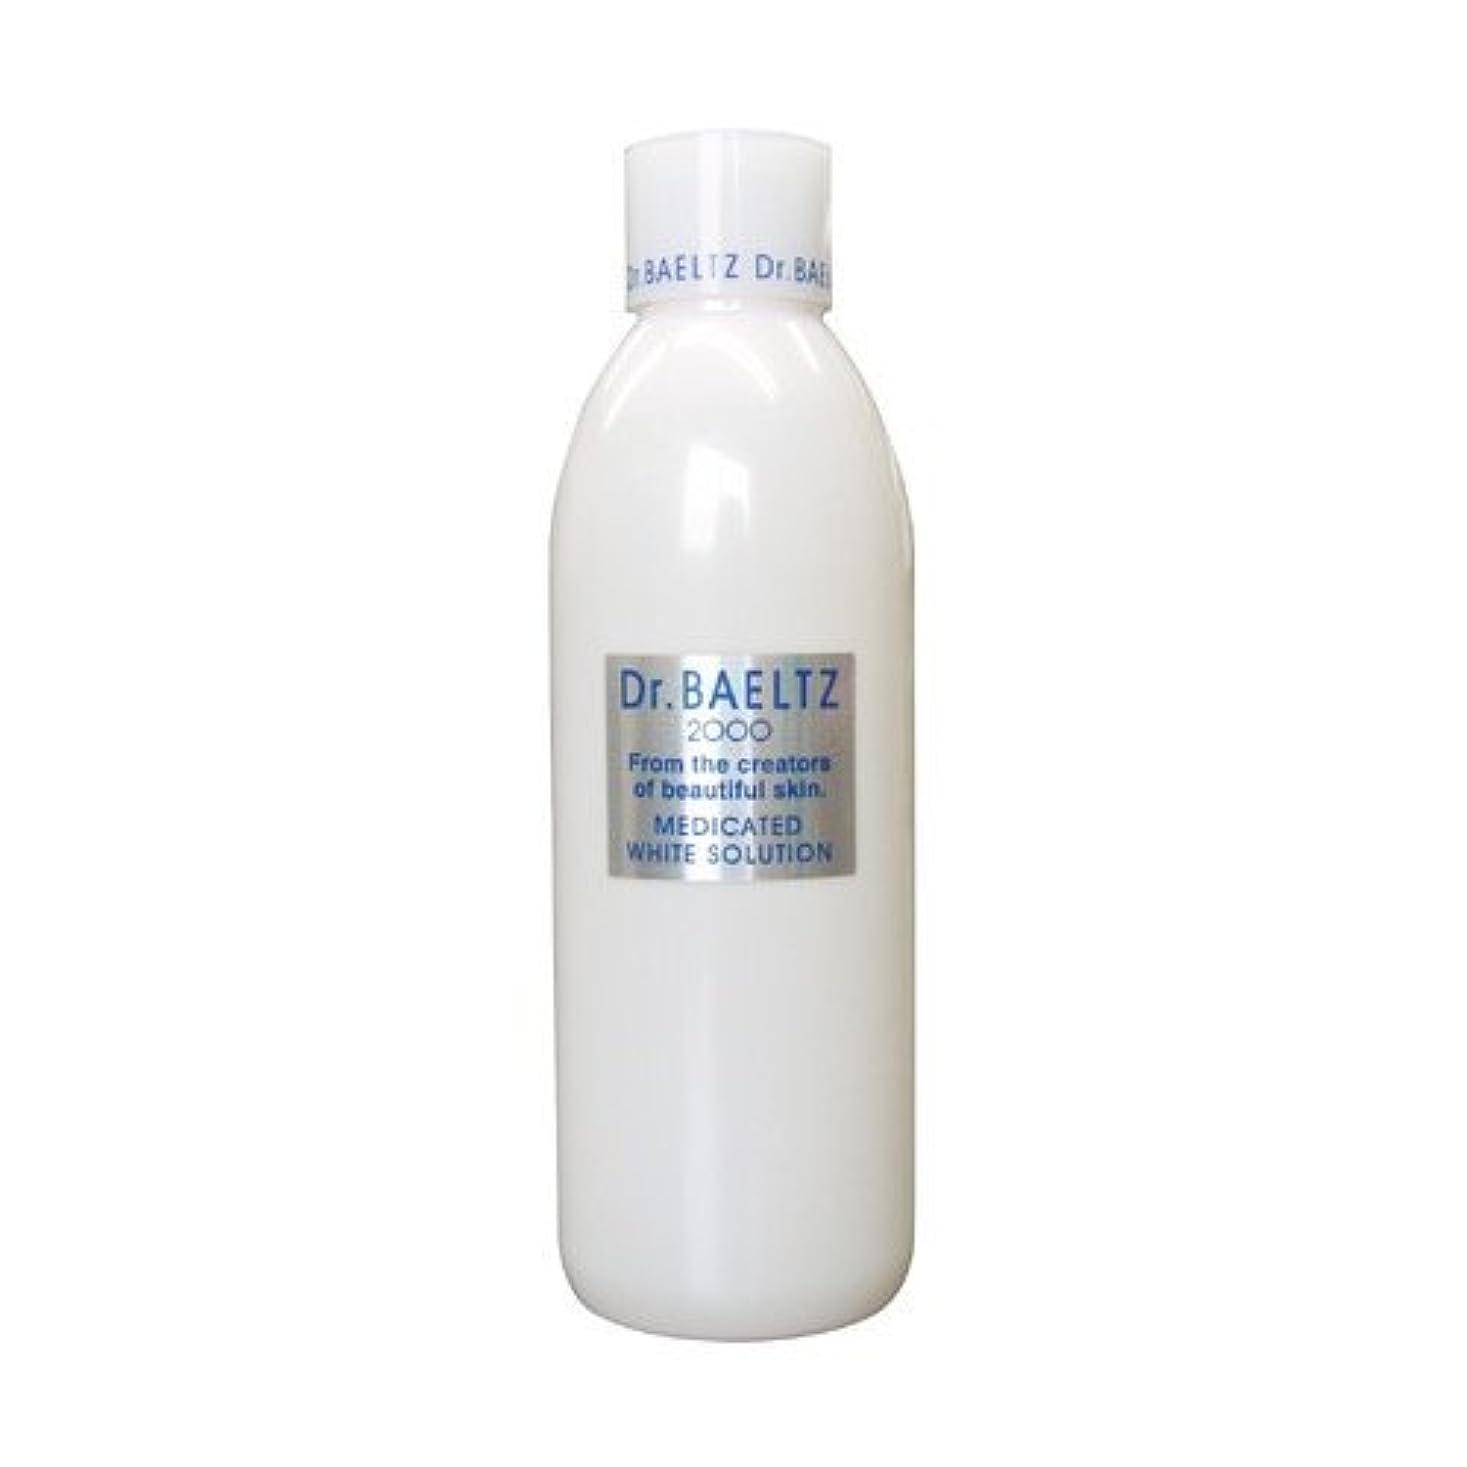 乞食ジュース溶岩ドクターベルツ(Dr.BAELTZ) 薬用ホワイトソリューション 300ml(美白化粧水 医薬部外品)